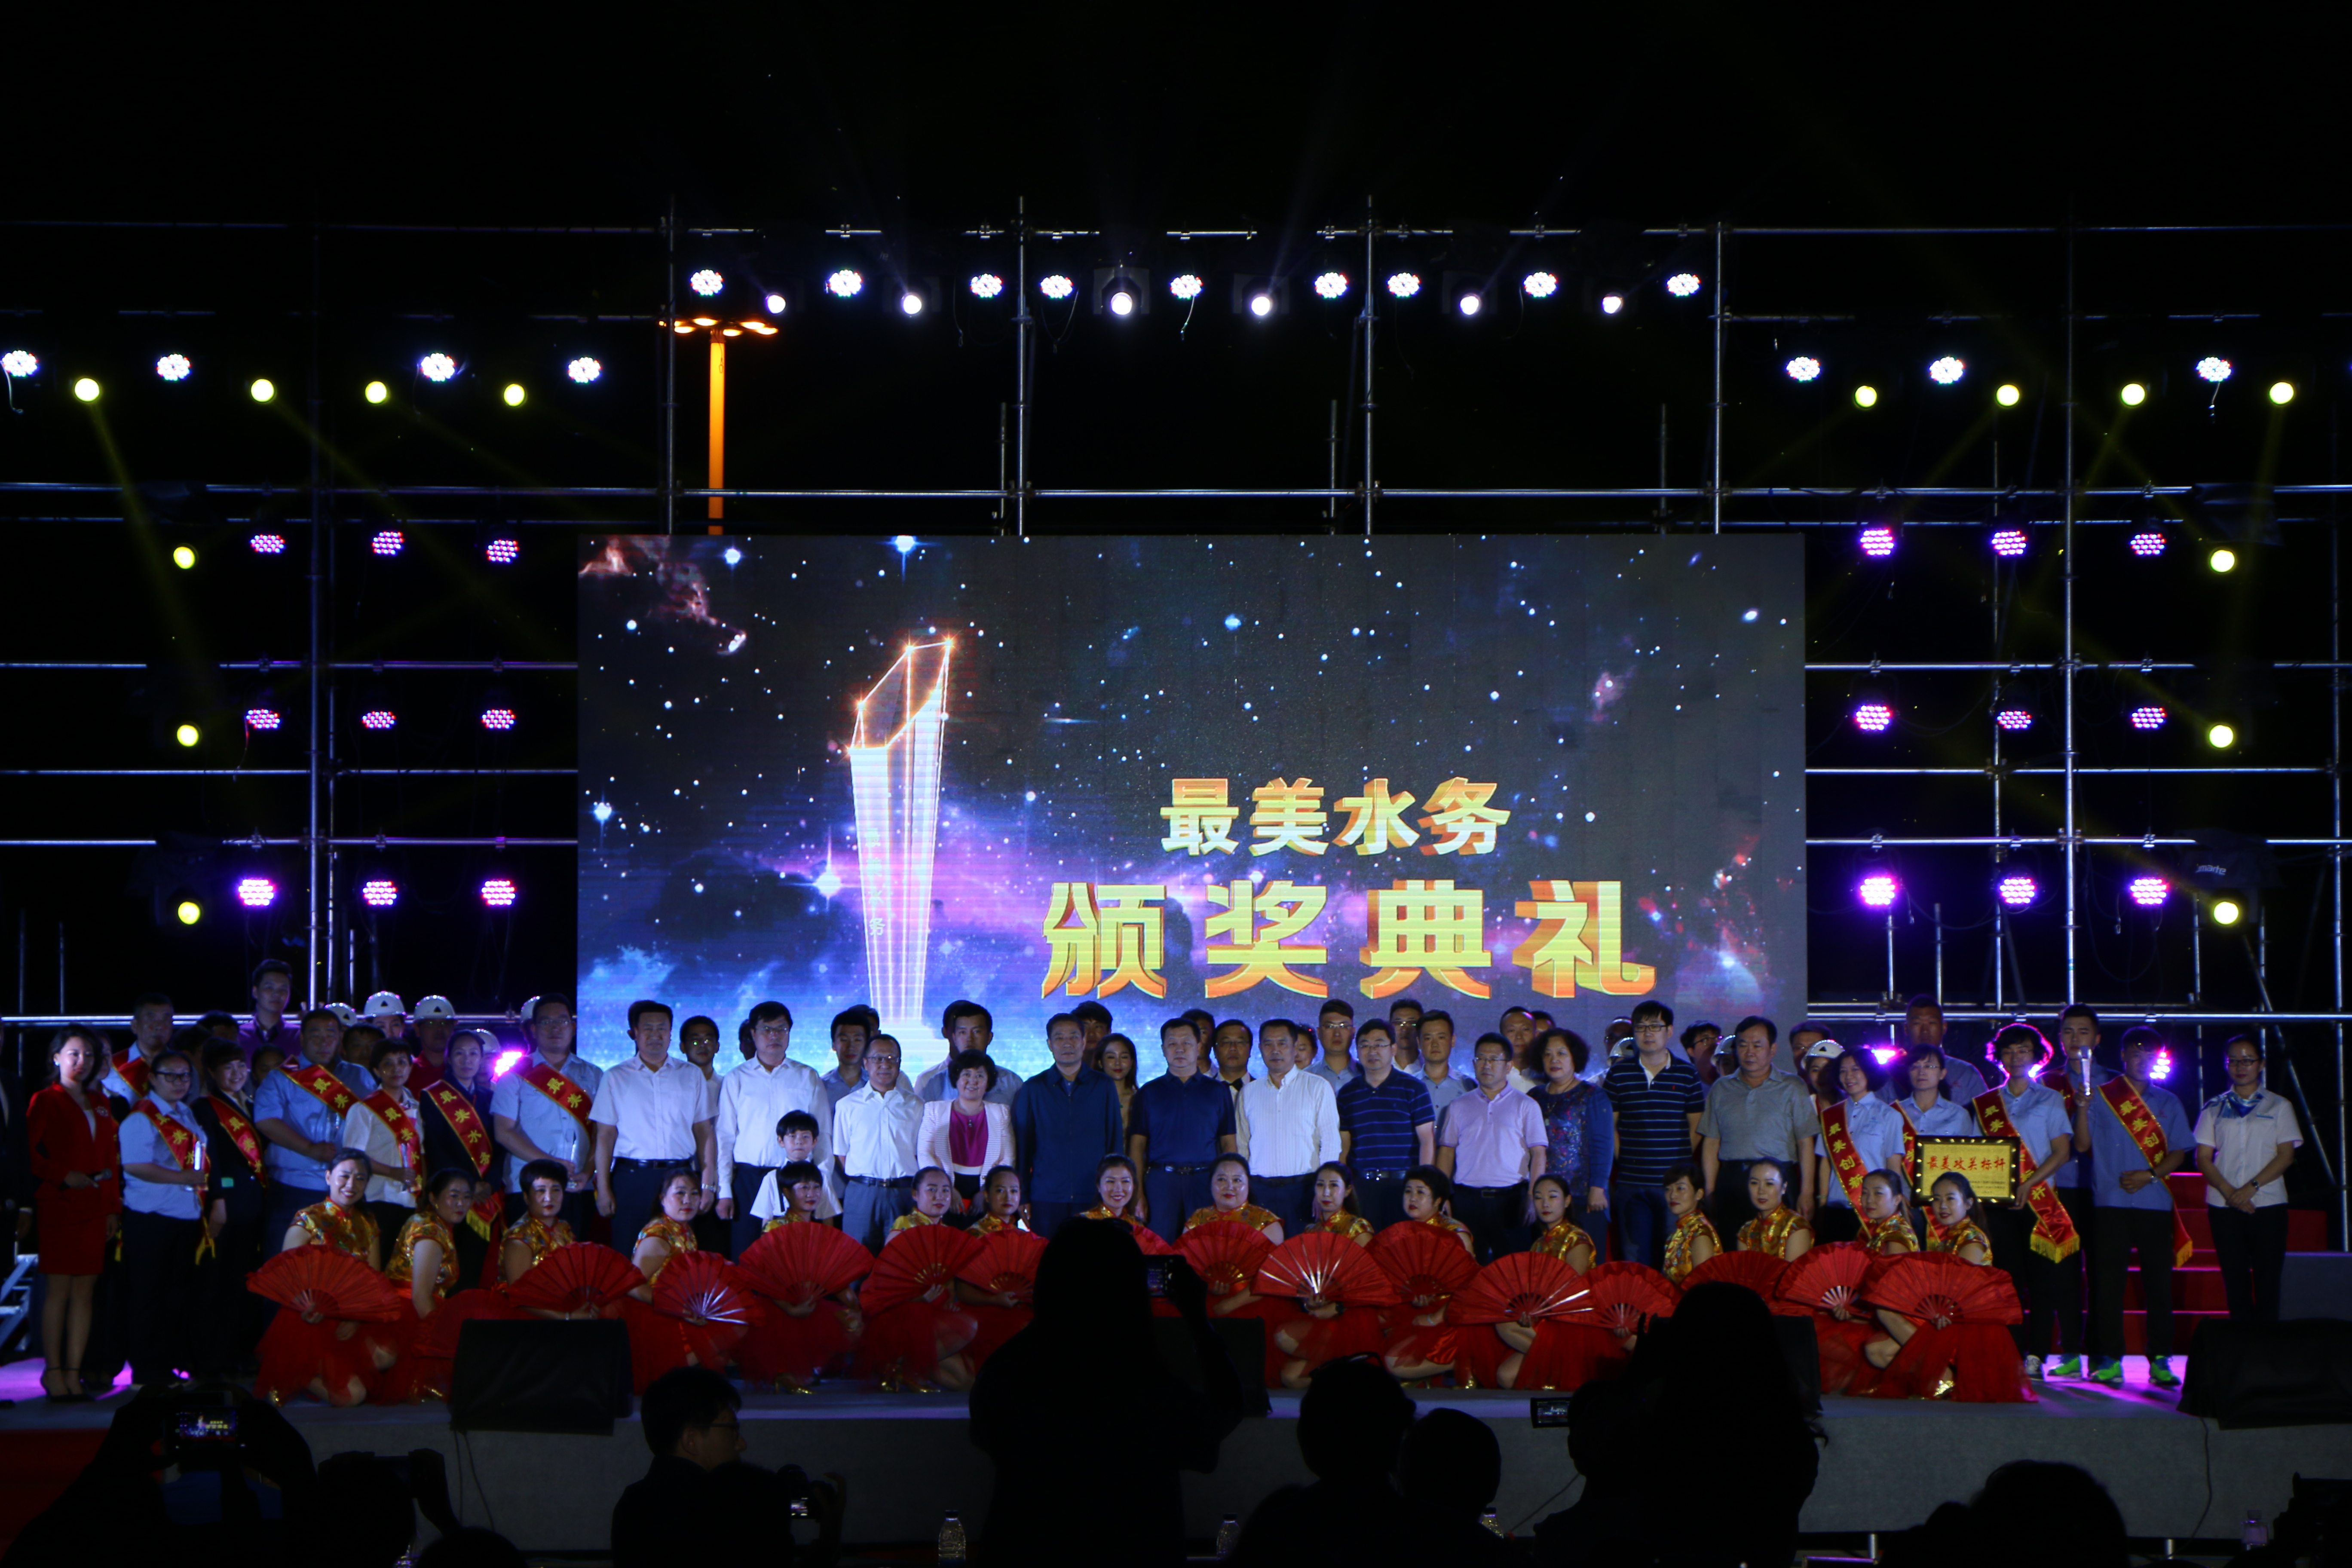 2017年5月集团举办最美七星彩预测最准号码颁奖典礼2